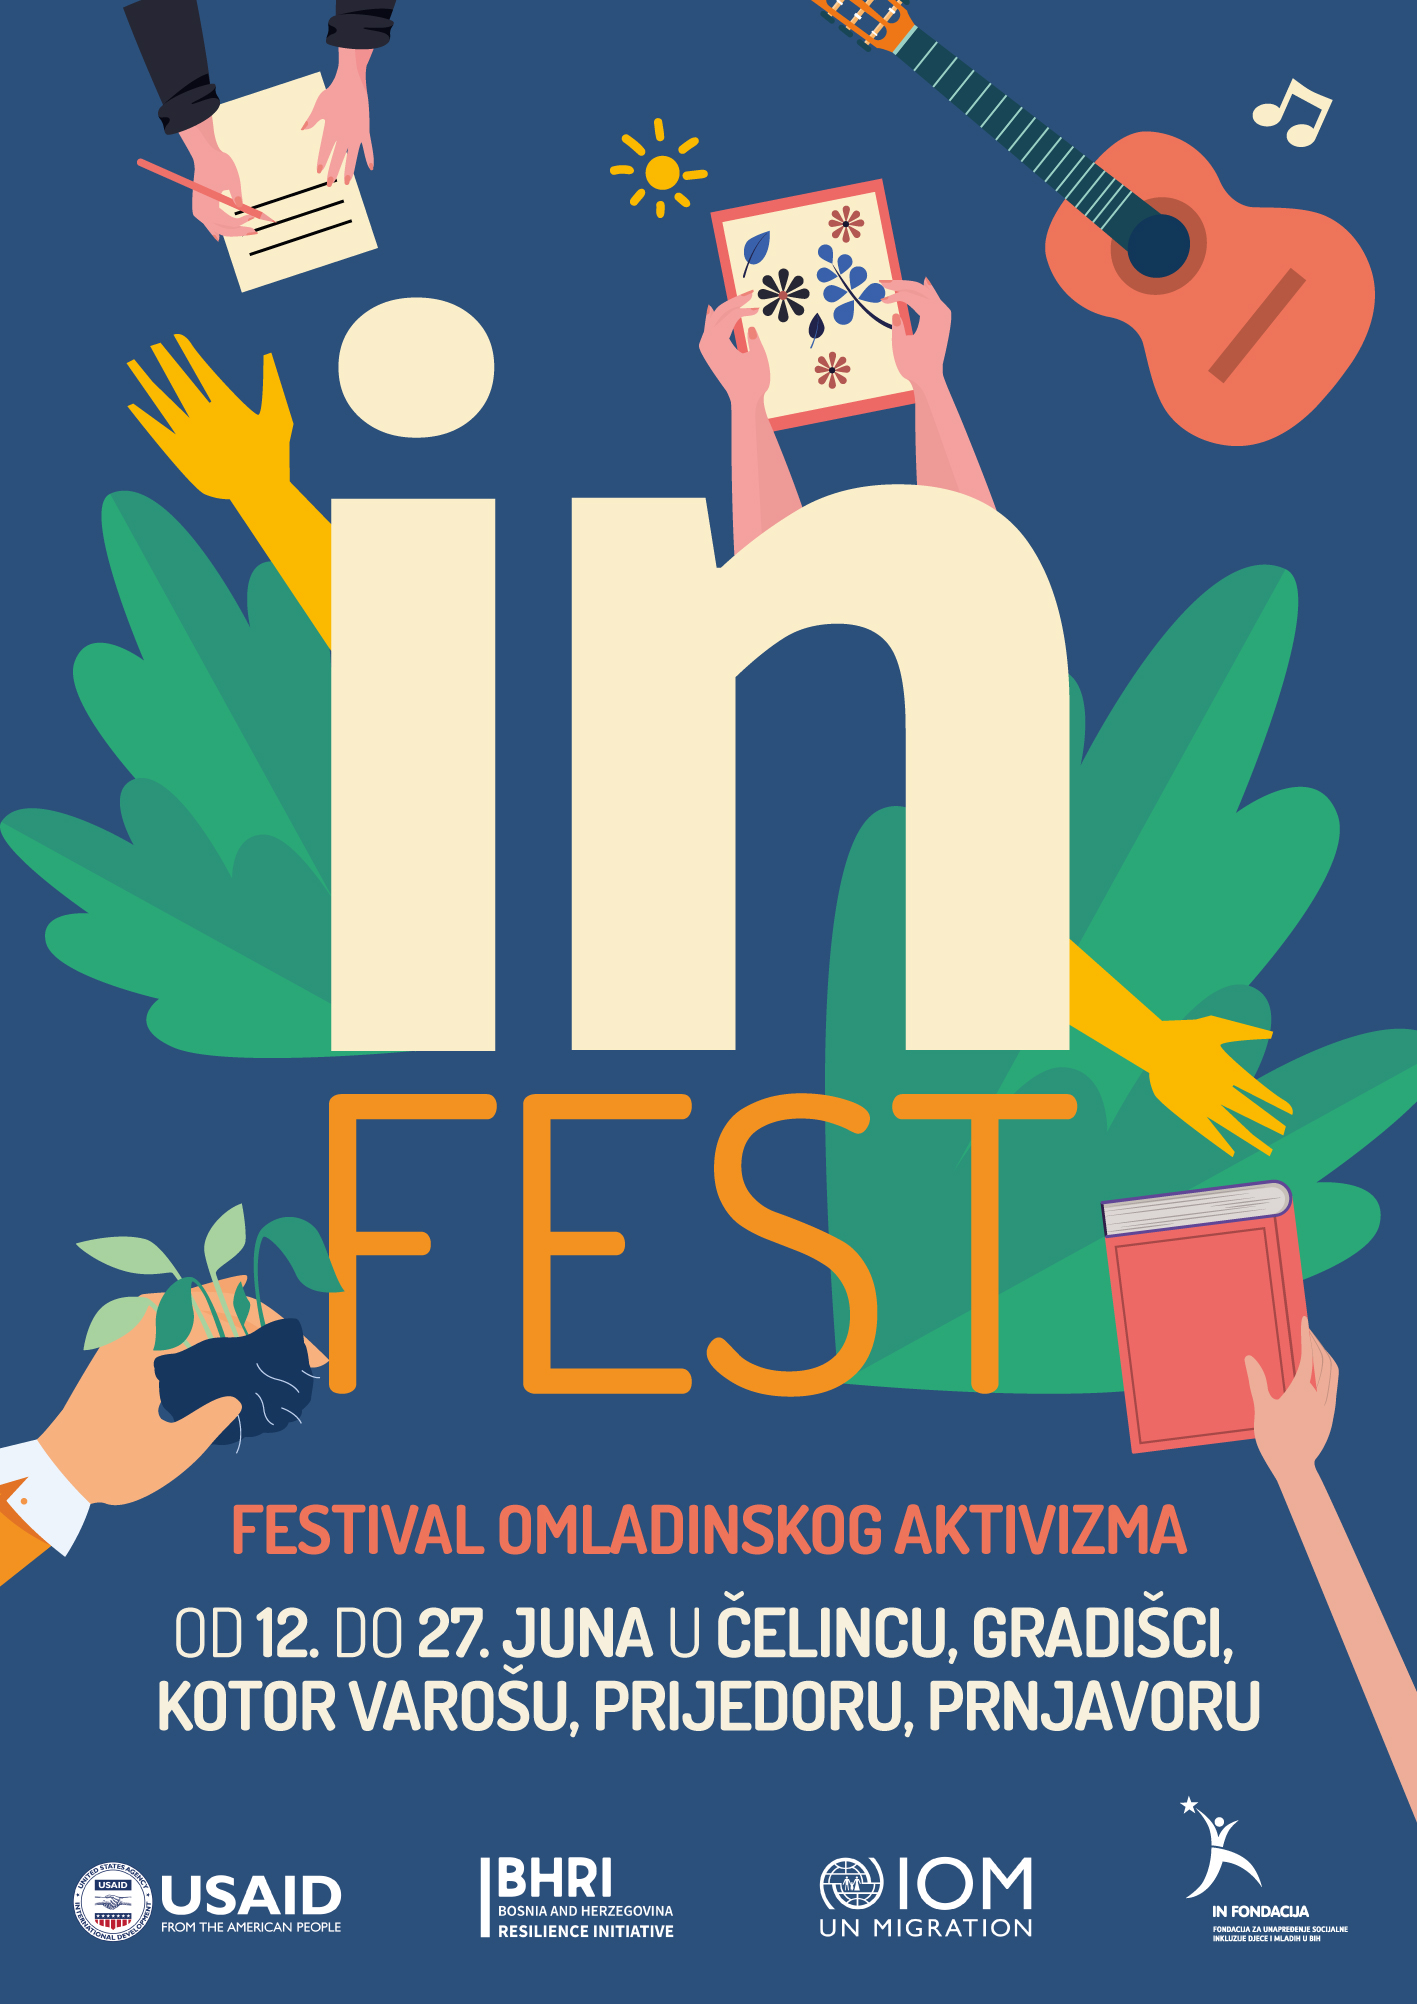 Od 12. juna u Čelincu, Gradišci, Prijedoru, Prnjavoru i Kotor Varošu počinje IN Fest!